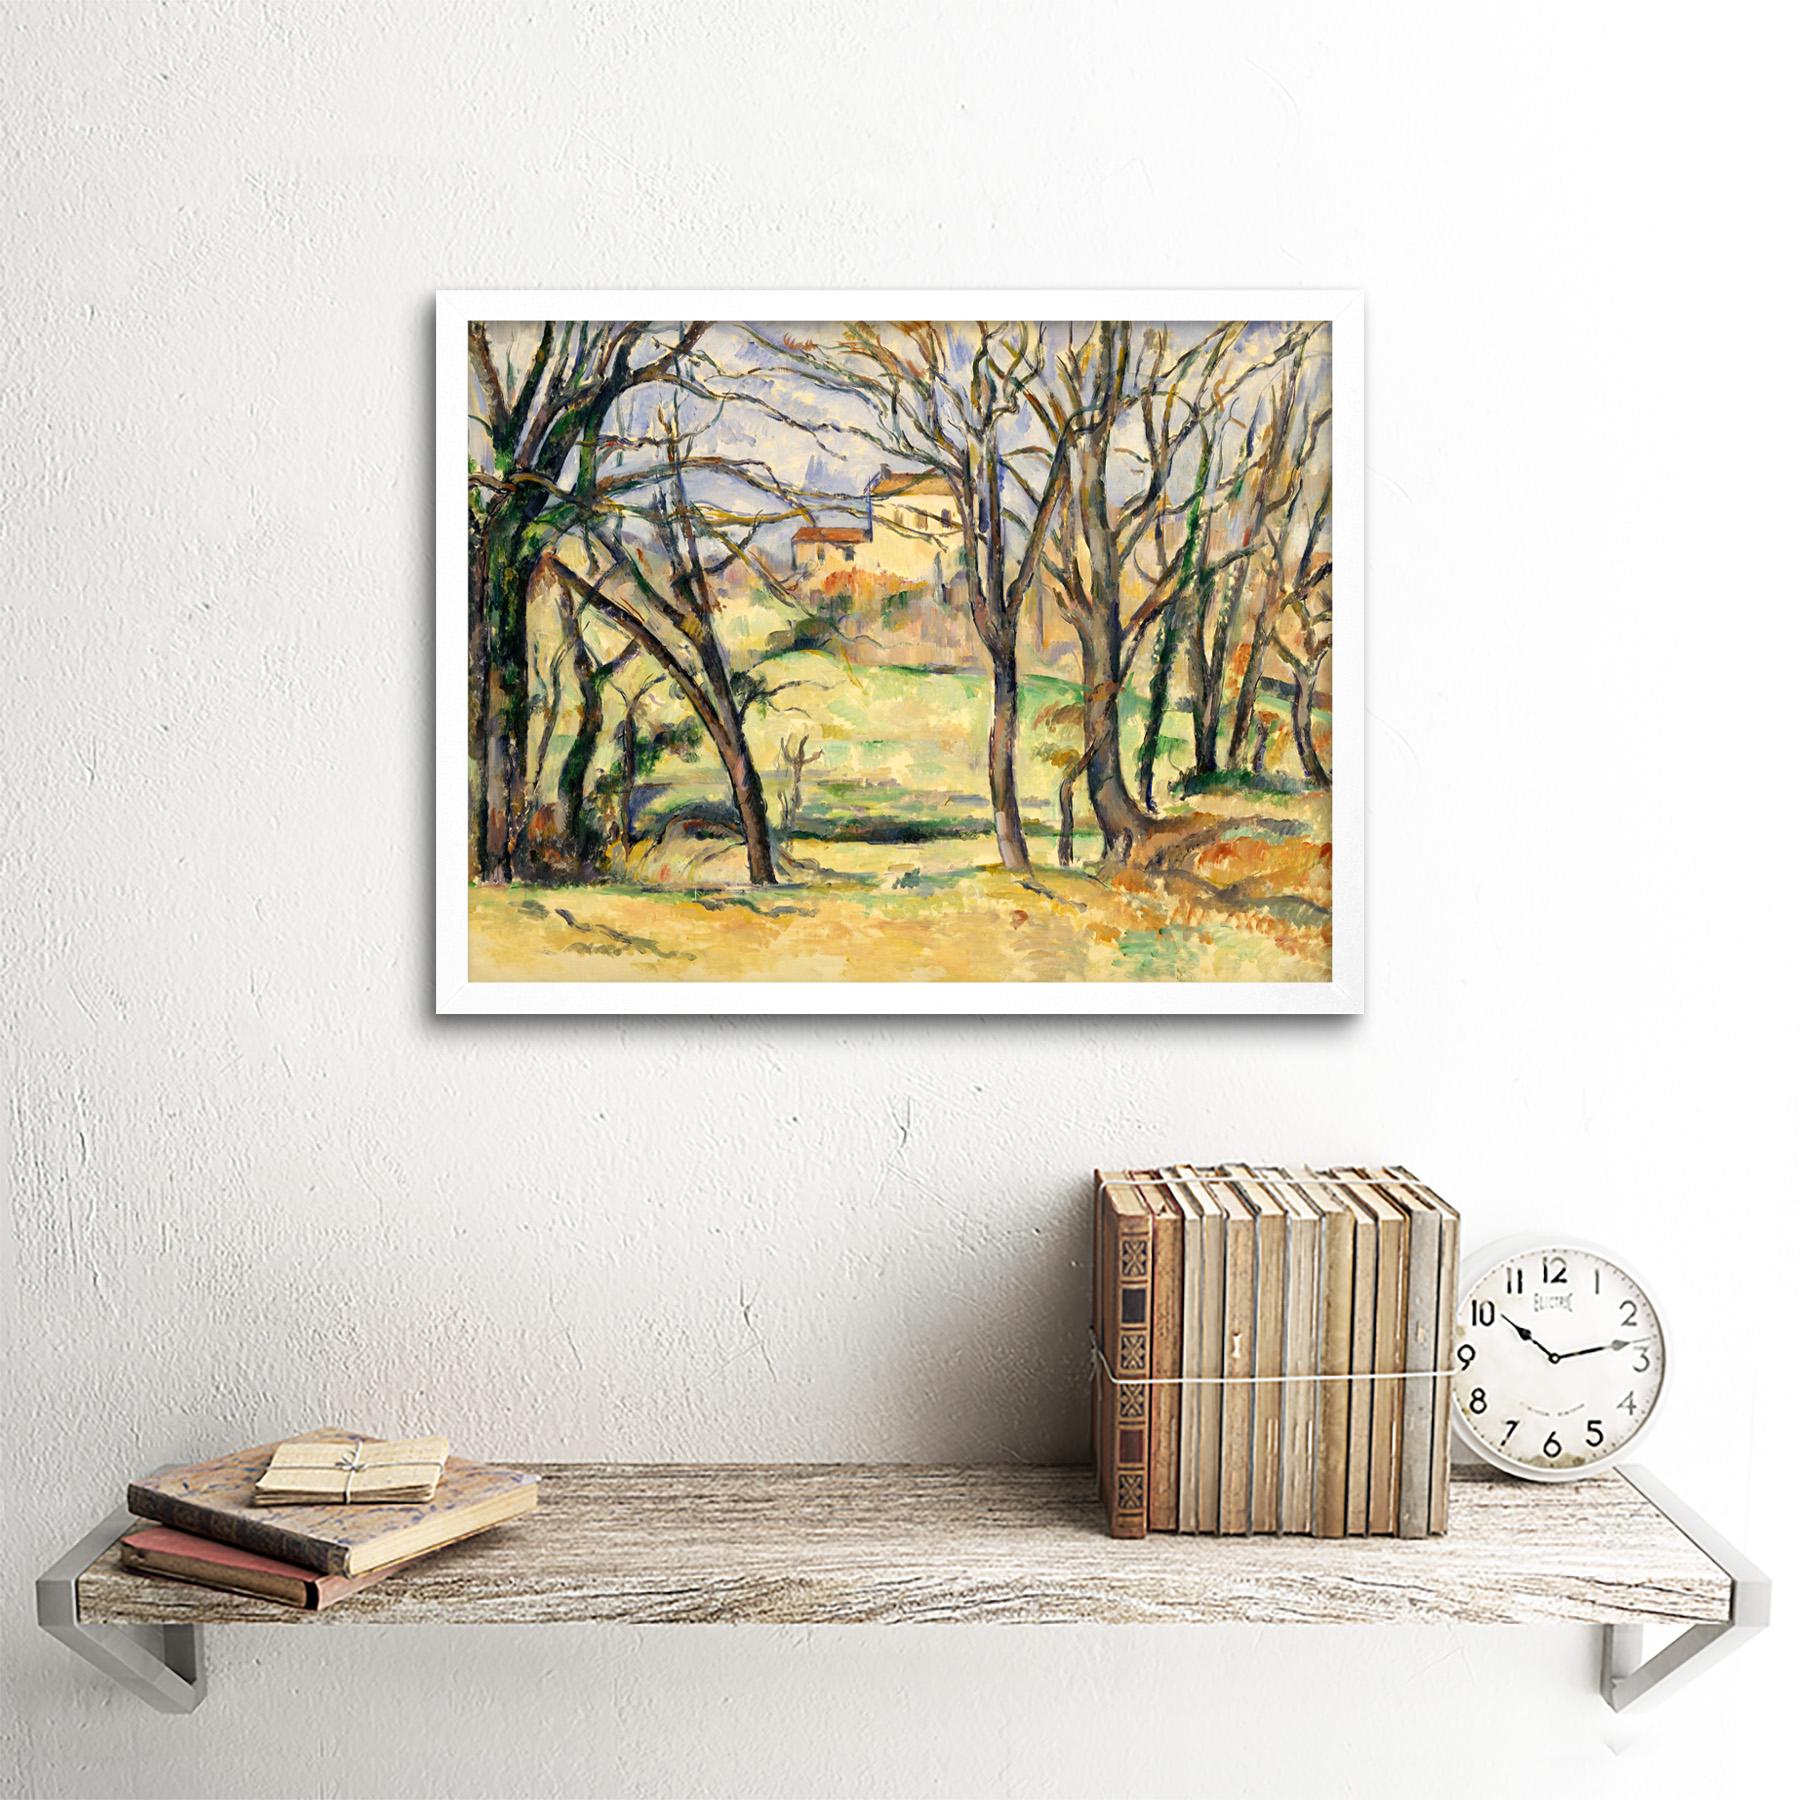 Cezanne-Trees-Houses-Near-Jas-De-Bouffan-Painting-Wall-Art-Print-Framed-12x16 miniatuur 21